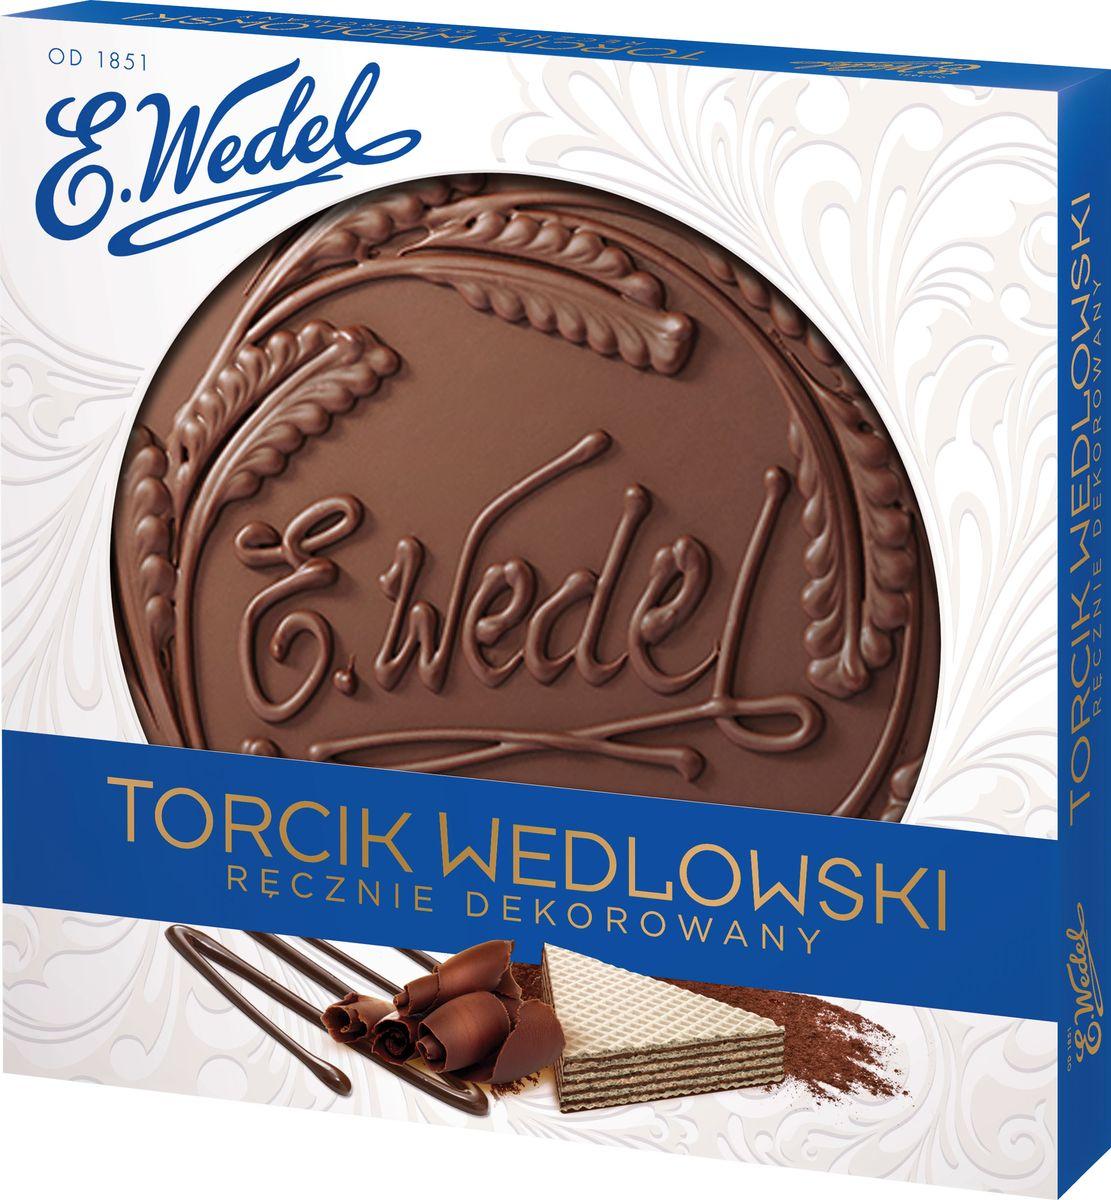 E.Wedel вафельное пралине торт, 250 г7.22.23Вафельный торт ручной работы станет отличной составляющей для домашнего чаепития или для похода в гости. Любимое детьми и взрослыми лакомство имеет несколько слоев-коржей с начинкой-пралине. Сверху покрыто толстым слоем шоколадной глазури.